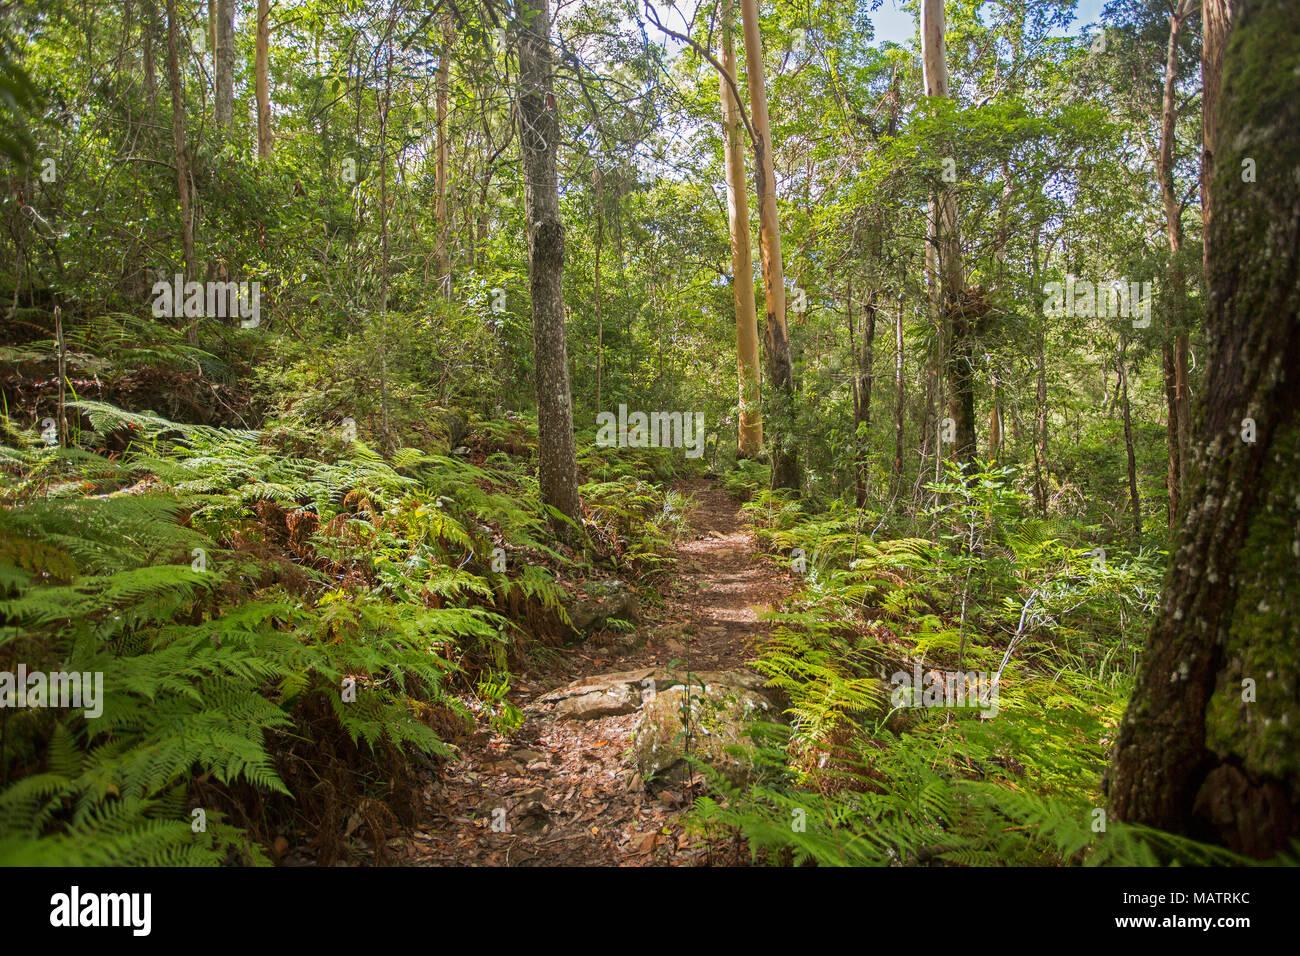 Fitte foreste di smeraldo di felci e bracken tagliato da stretti sentieri in gamme Conondale Parco Nazionale di Queensland in Australia Immagini Stock